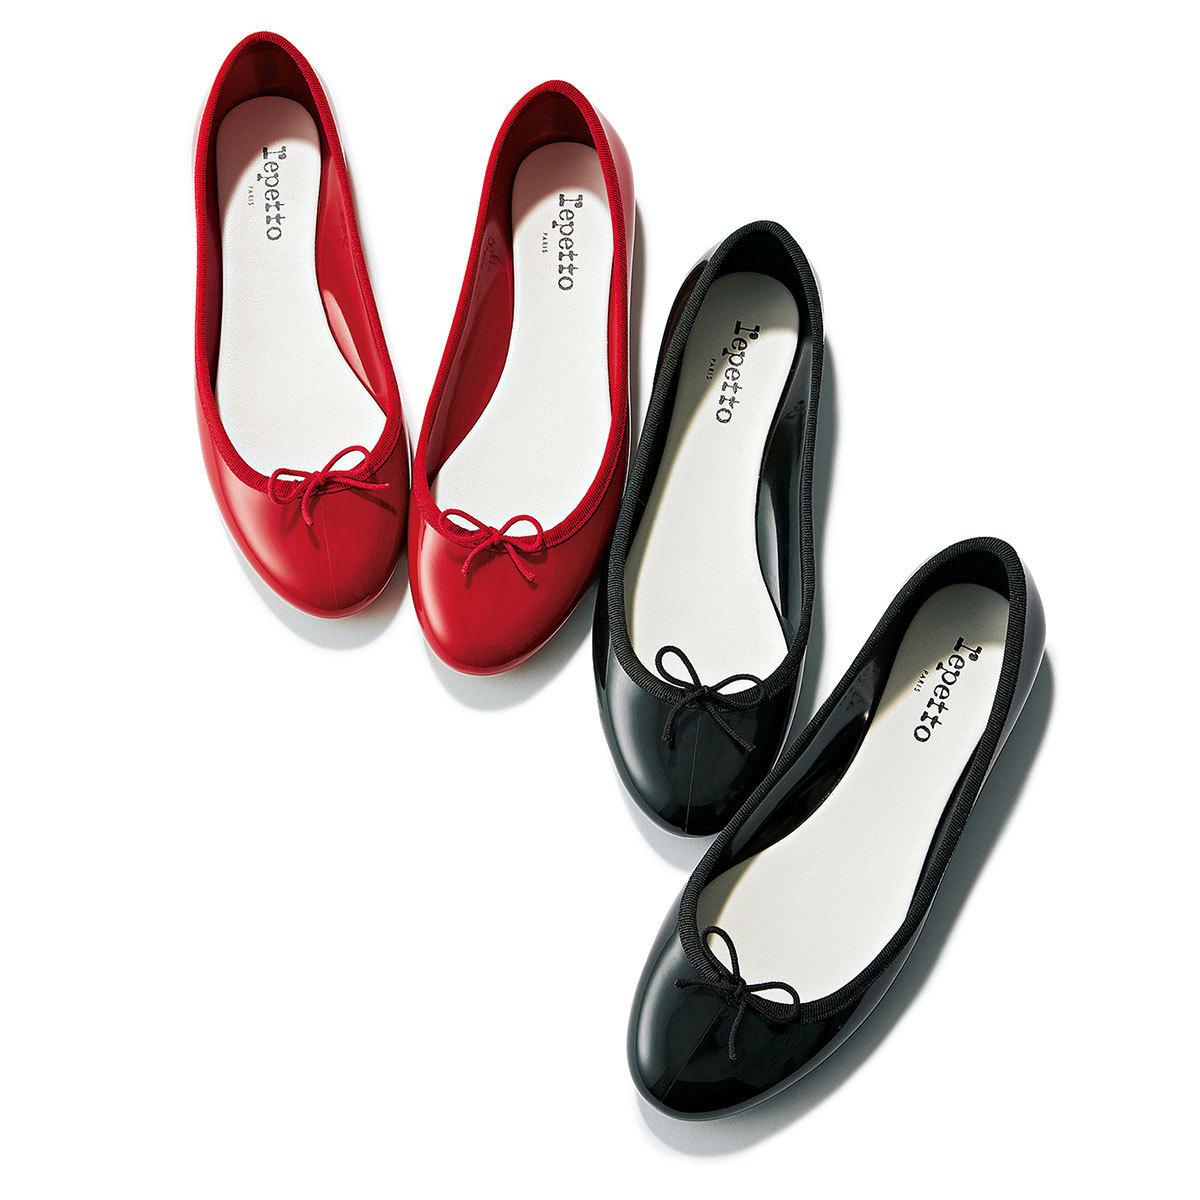 雨の日の靴もおしゃれに! レインシューズ特集 | レインブーツ、ゴム製のローファーなど | アラフォーファッション_1_9